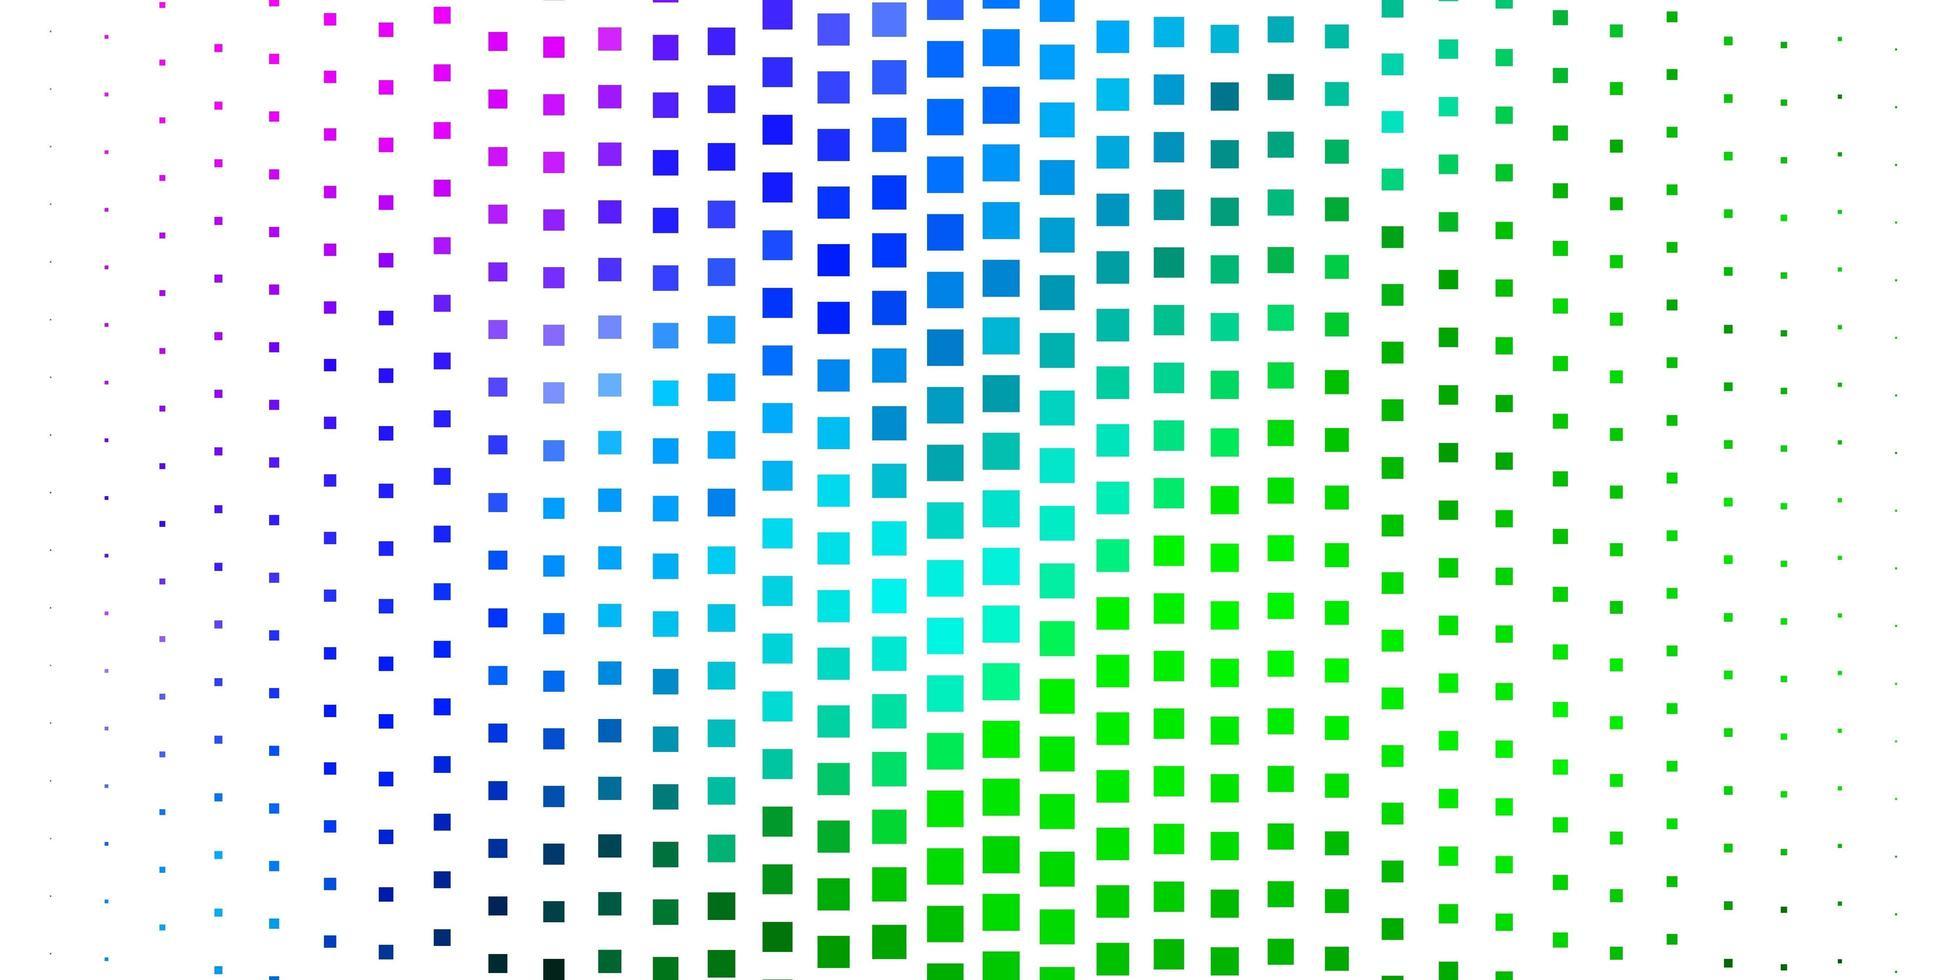 fond de vecteur rose clair, vert dans un style polygonal.